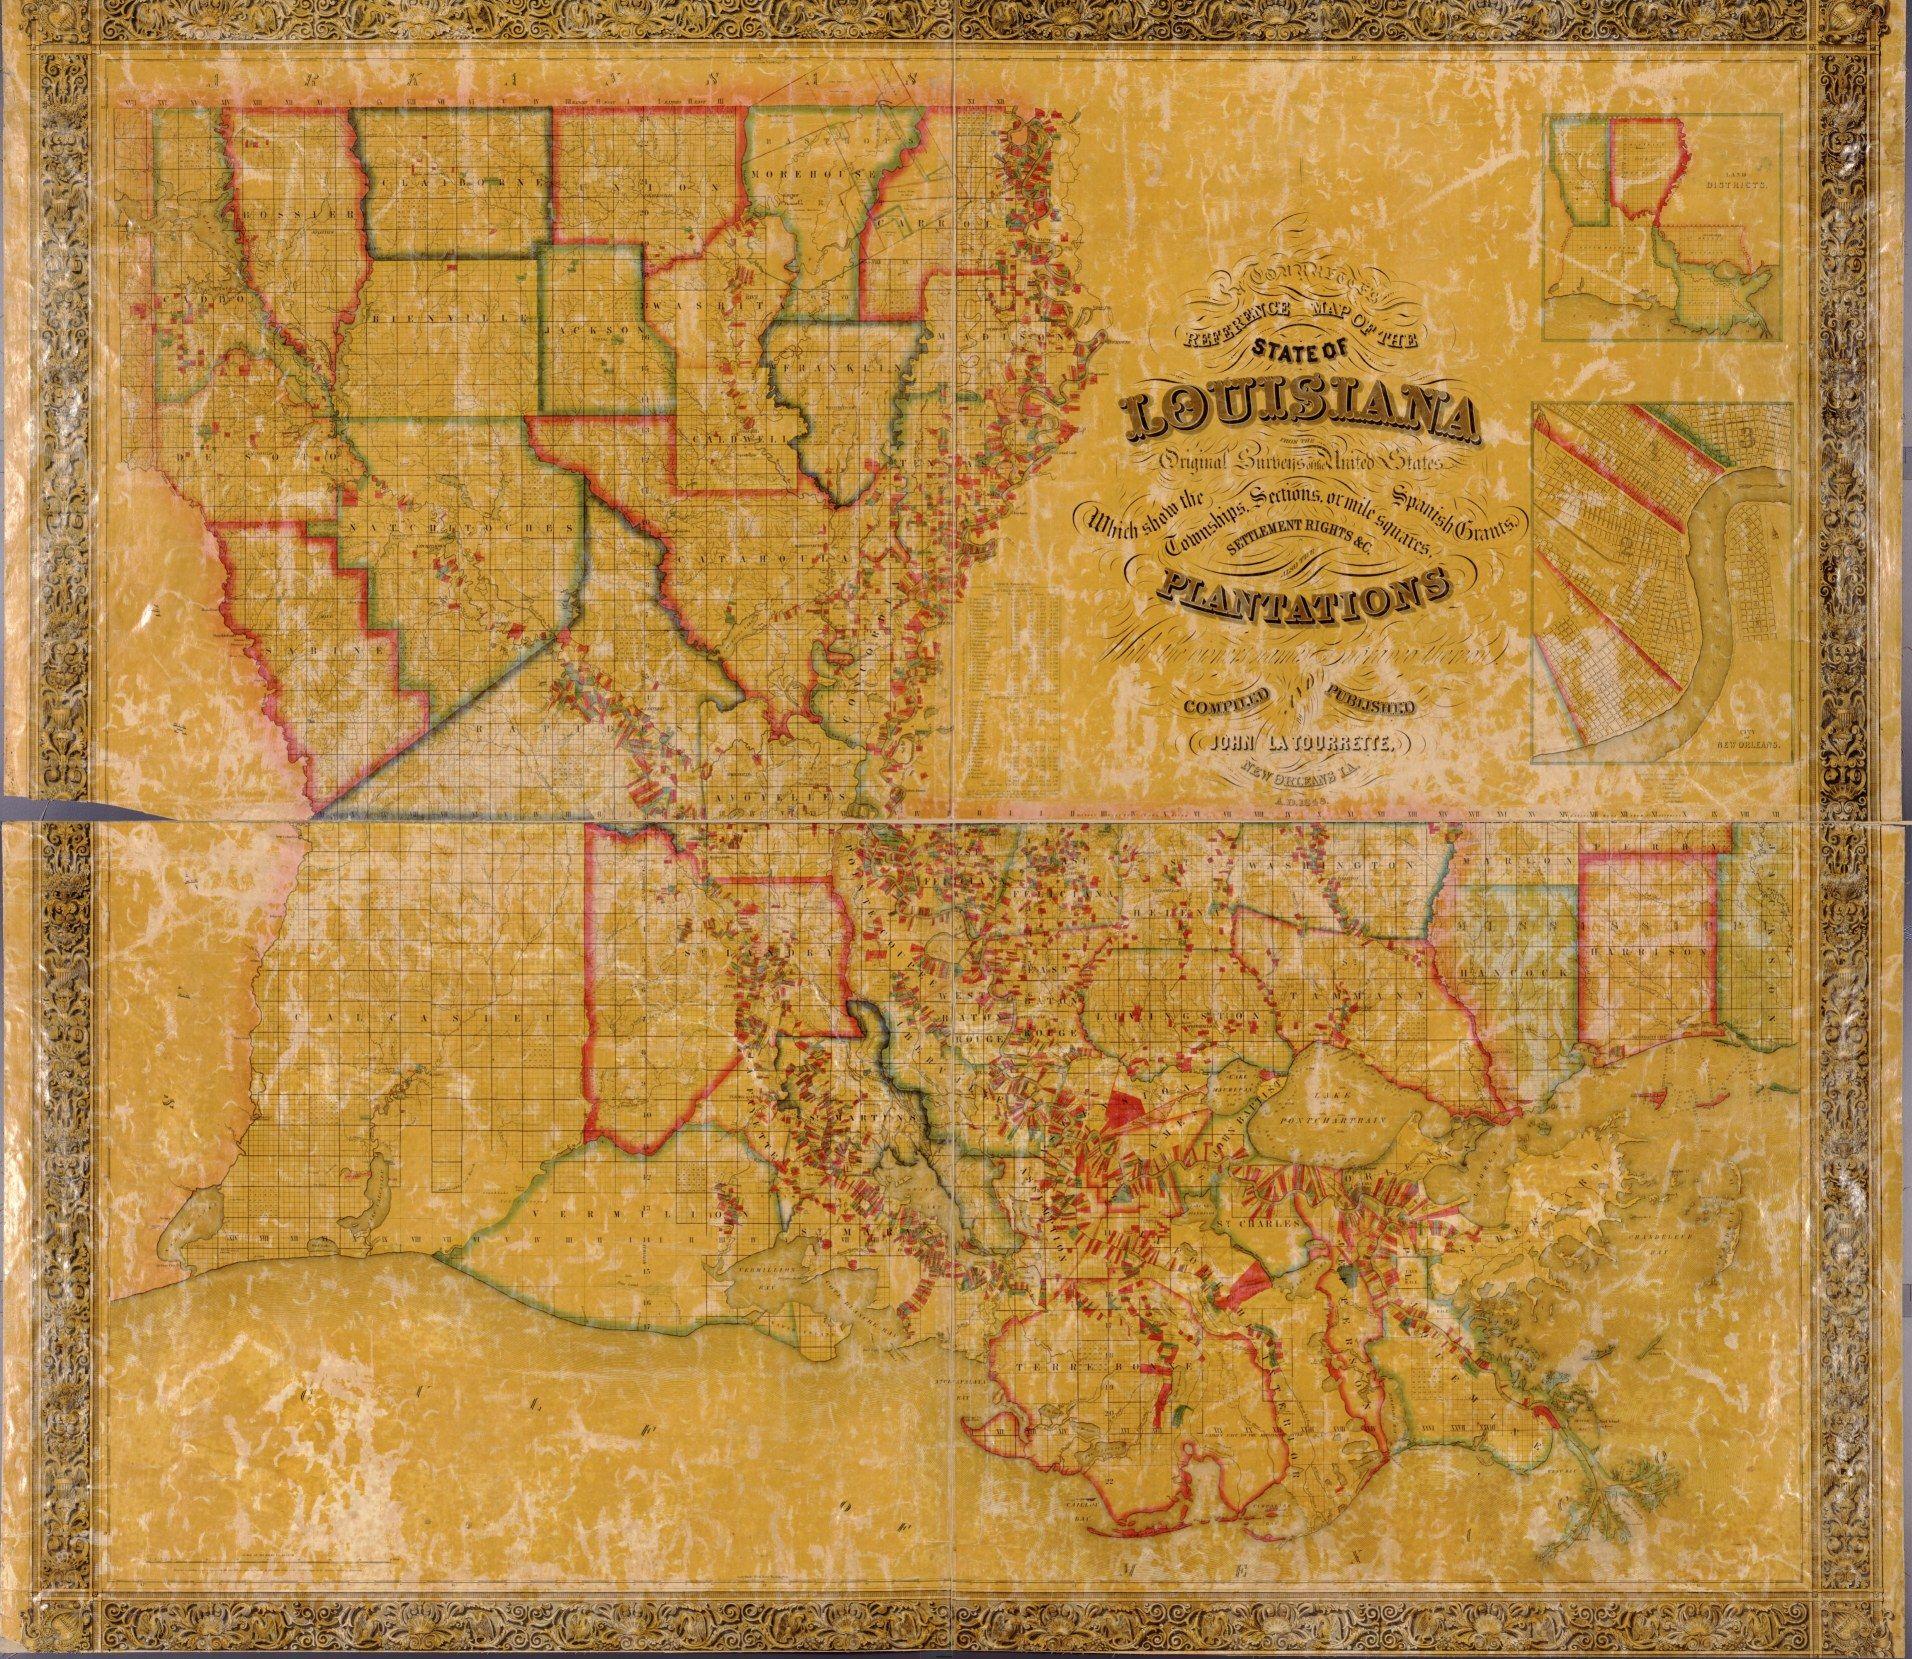 Map Of Louisiana Plantations.Louisiana Plantation Map 1848 House Of History Llc Family